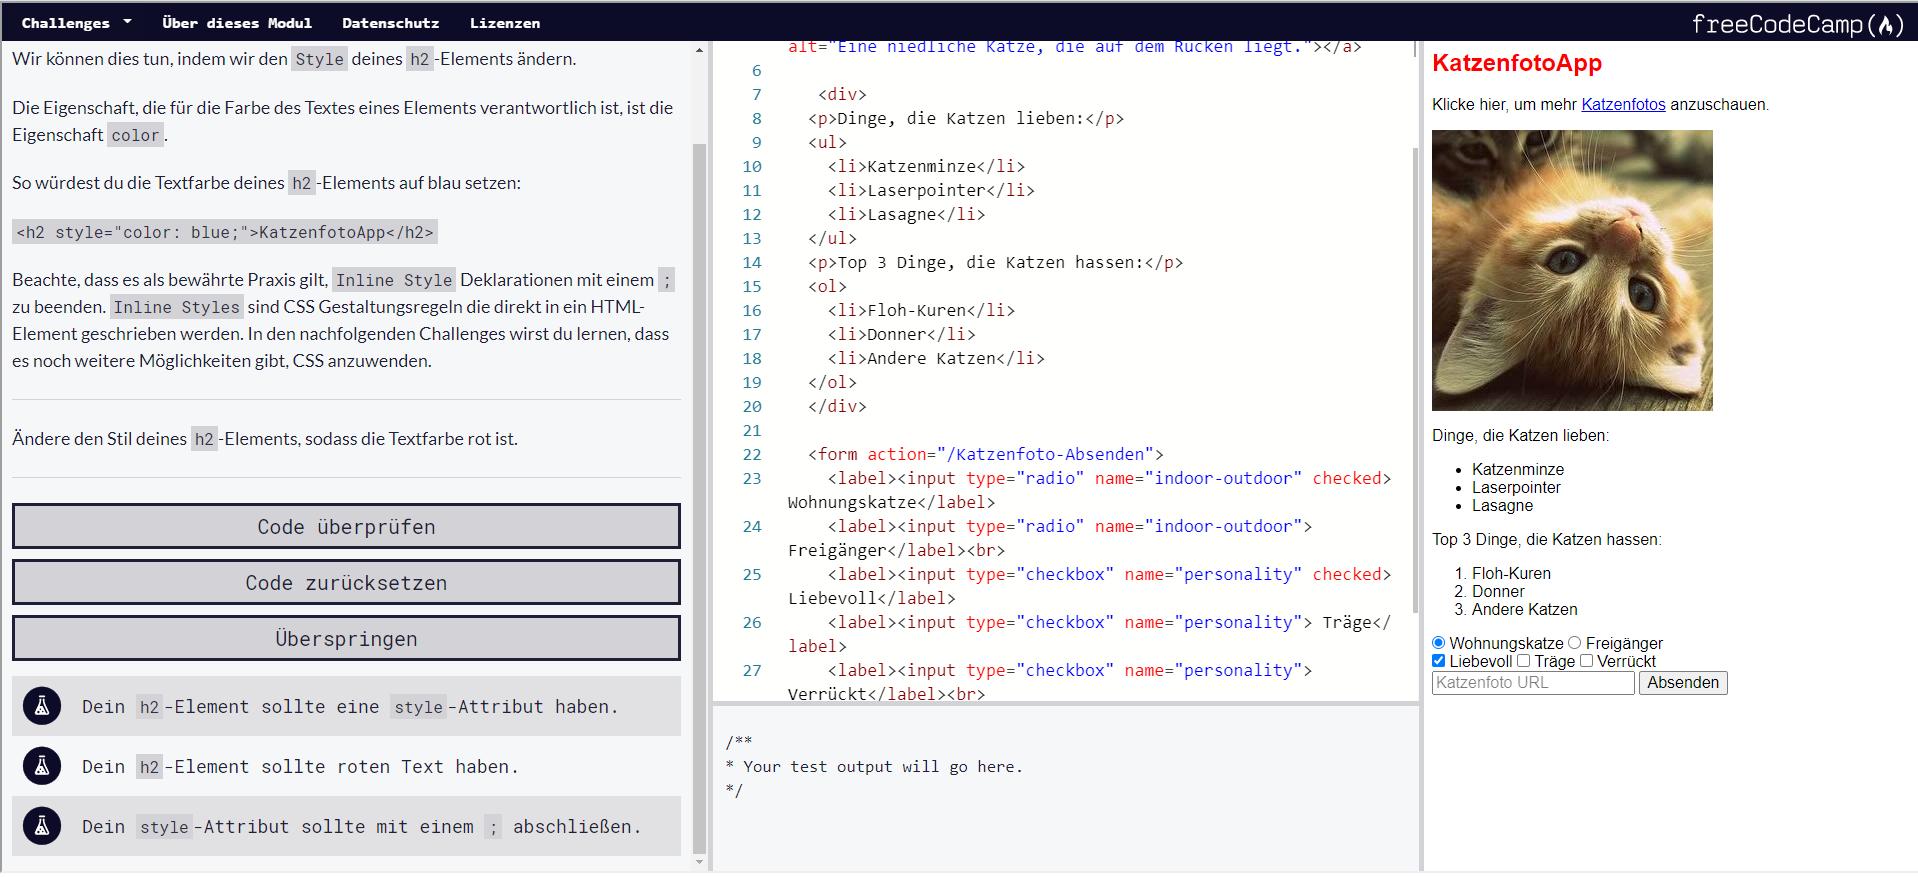 Die Ansicht beinhaltet eine Vorschau der Webseite, einem Code-Editor und einen Bereich mit Tipps und der Möglichkeit den geschriebenen Code überprüfen zu lassen.